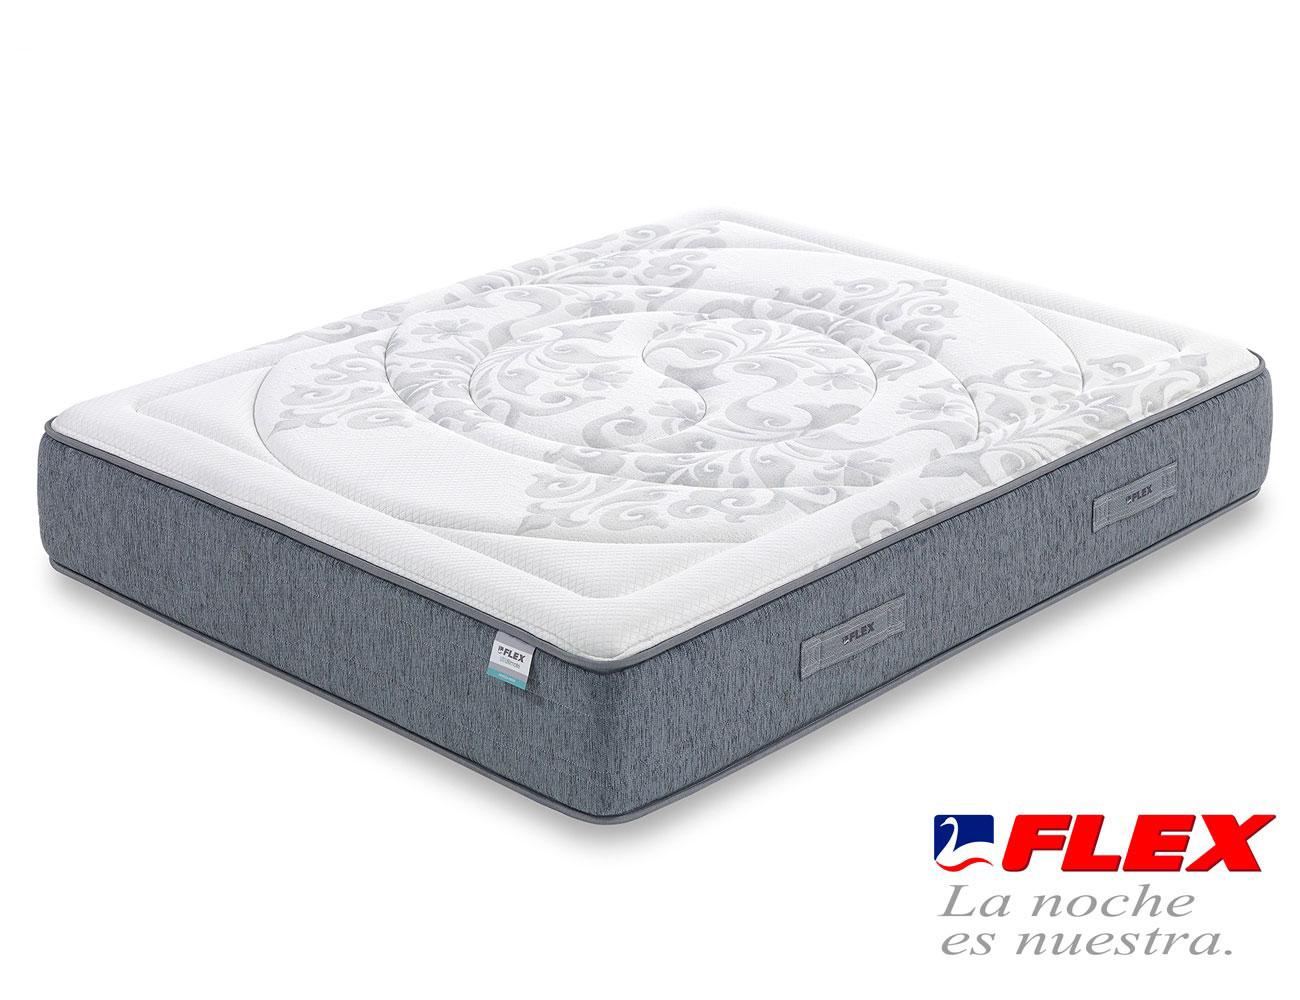 Colchon flex airvex viscoelastica gel garbi